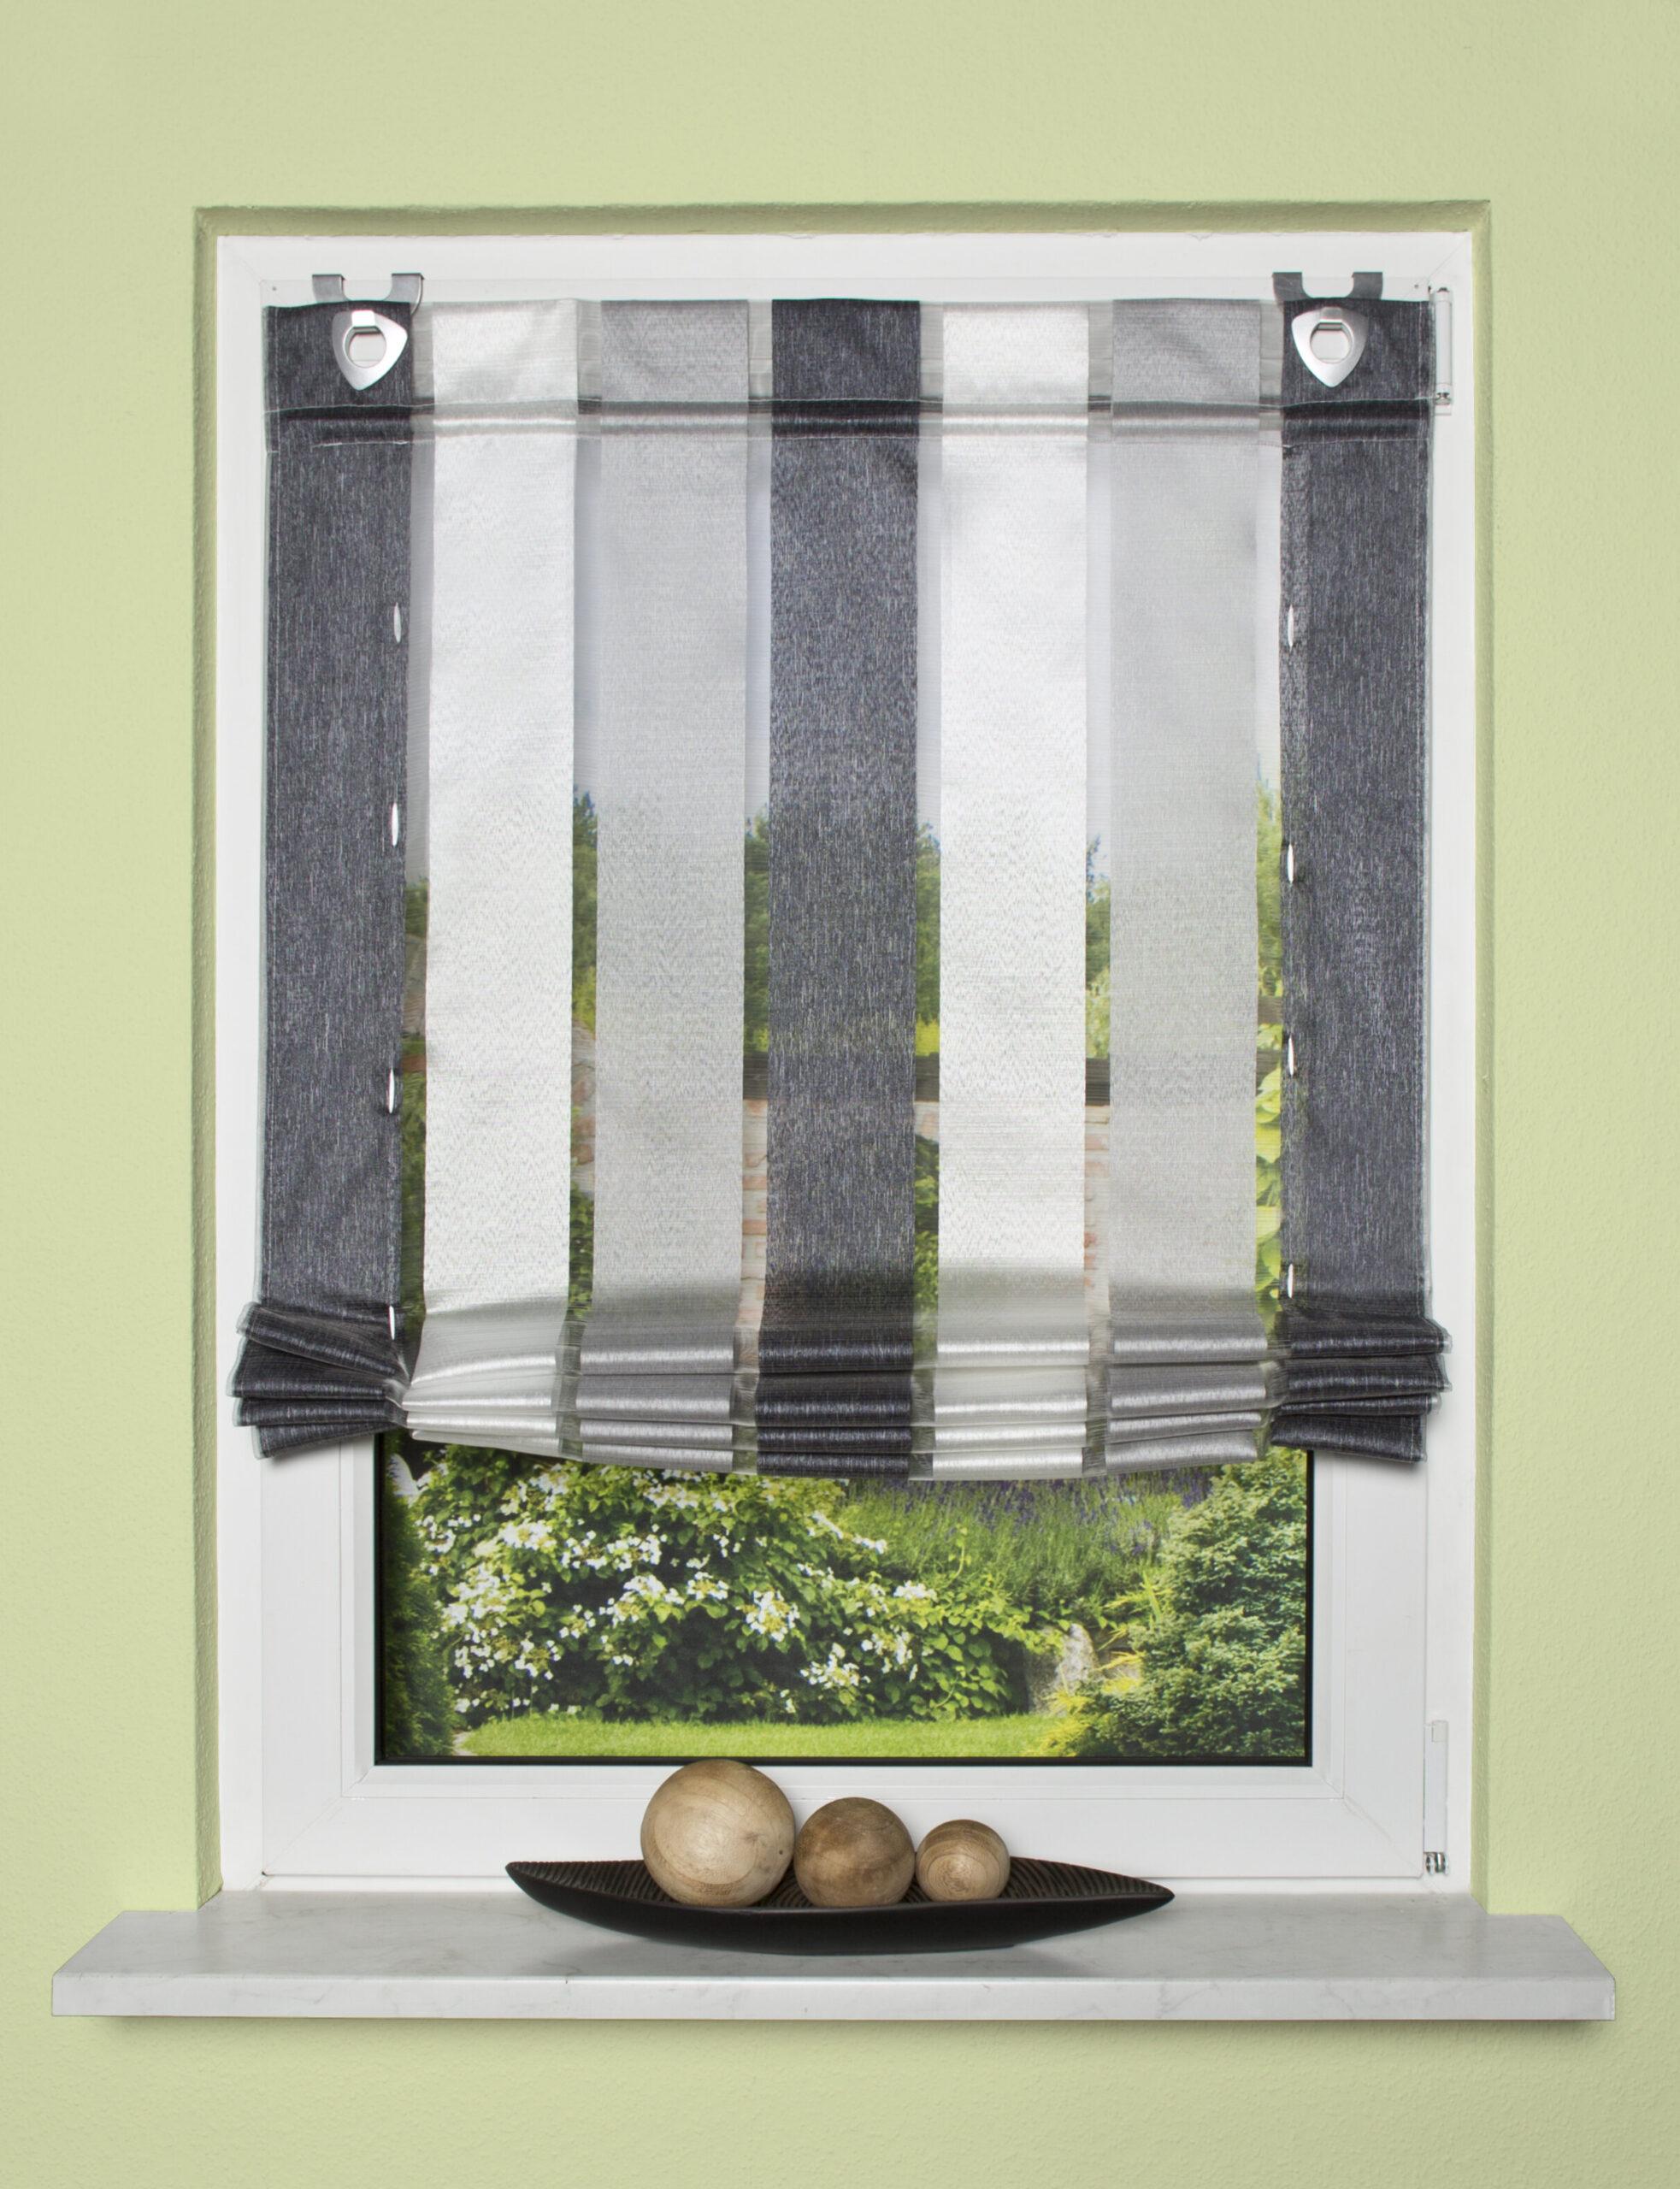 Full Size of Brambly Cottage Raffrollo Bewertungen Wayfairde Küchen Regal Küche Wohnzimmer Küchen Raffrollo